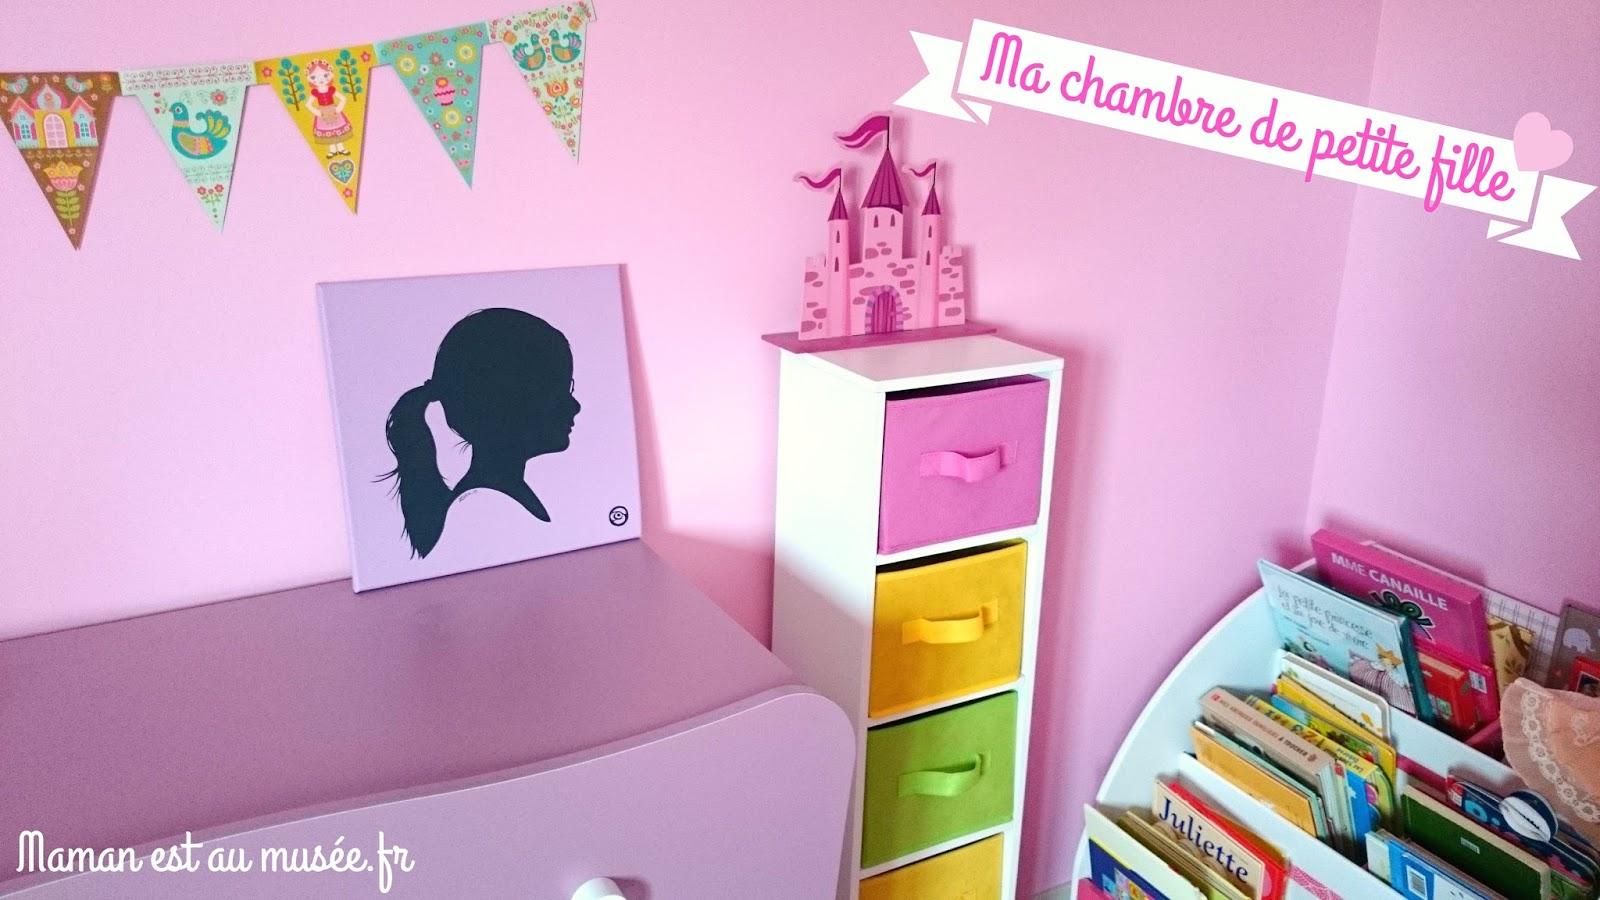 Chambre originale petite fille for Chambre petite fille